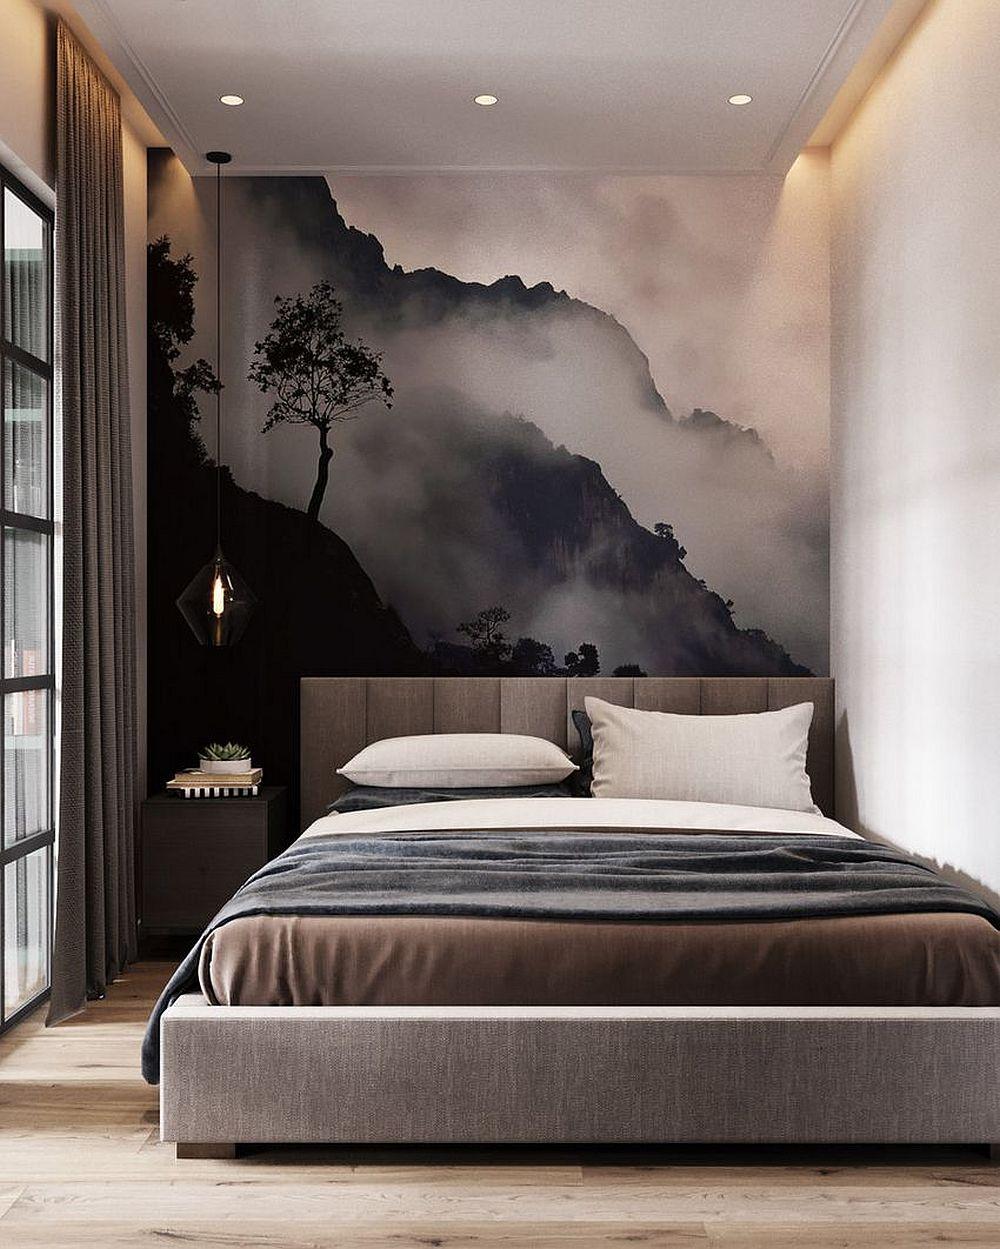 Pentru a configura un loc de pat dublu într-un spațiu mic, designerii au fost nevoiți la un compromis: patul să fie la perete, iar doar pe o parte să existe loc de noptiere. Având însă în vedere și situația în care dormitorul nu este camuflat prin draperie, designerii au prevăzut un fototapet grafic, care se vede frumos și dinspre zona de canapea.